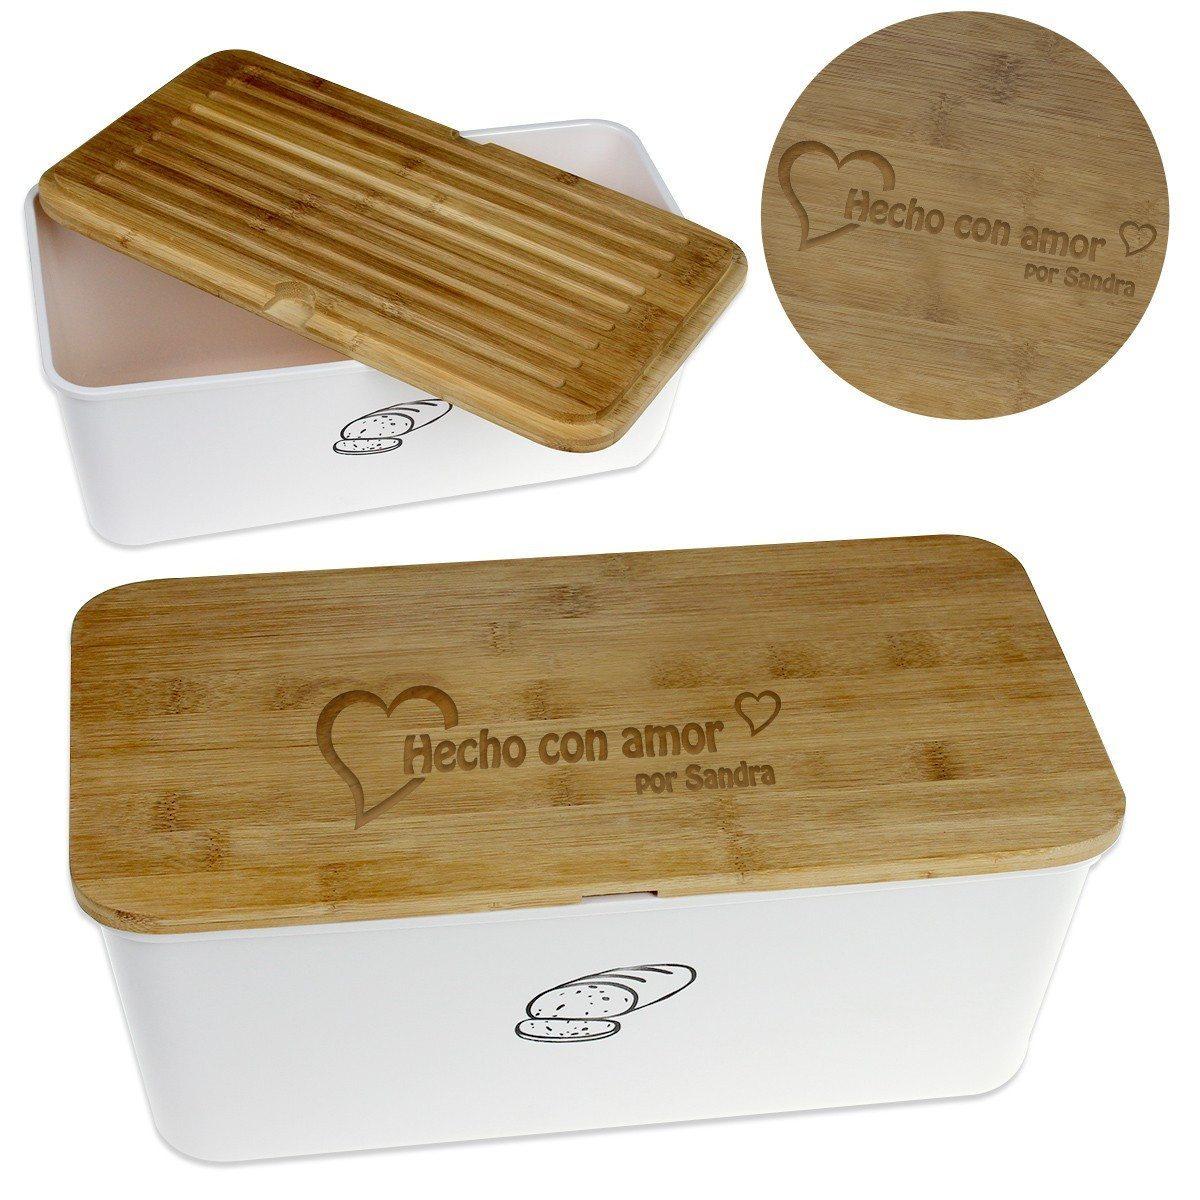 Caja para el pan con tabla de cortar personalizada